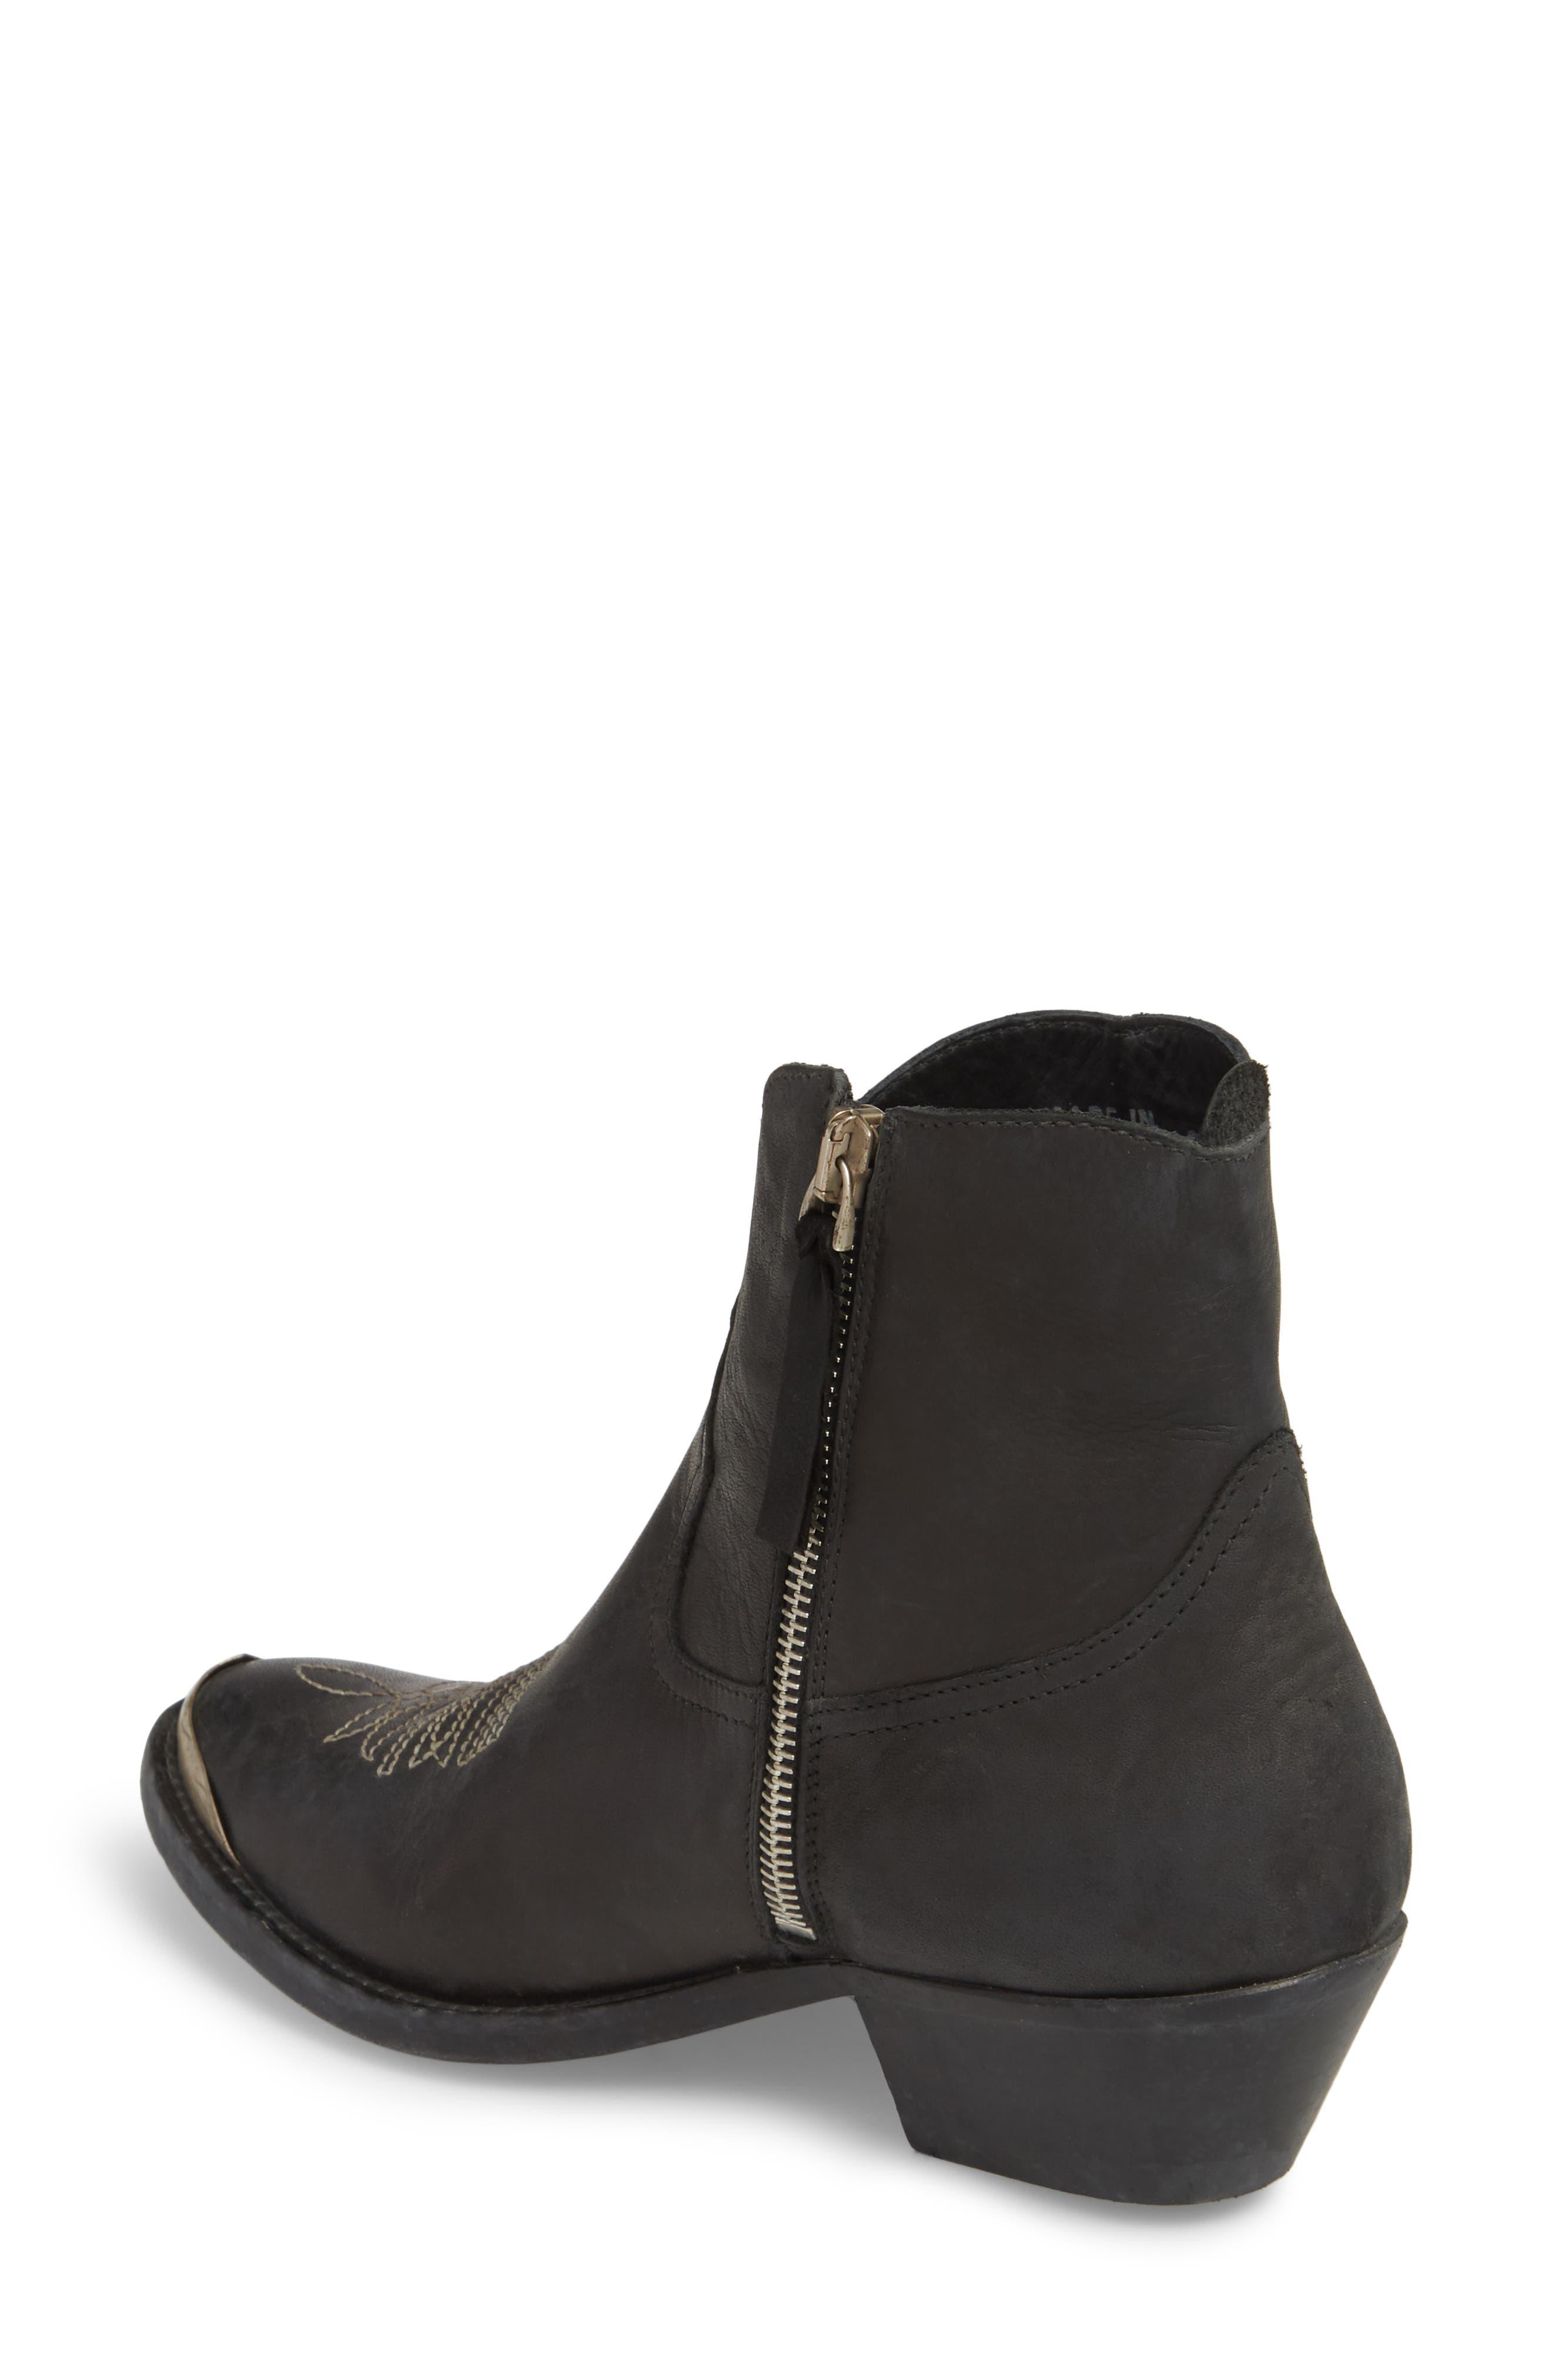 3dadfaddc54941 Women s Golden Goose Boots